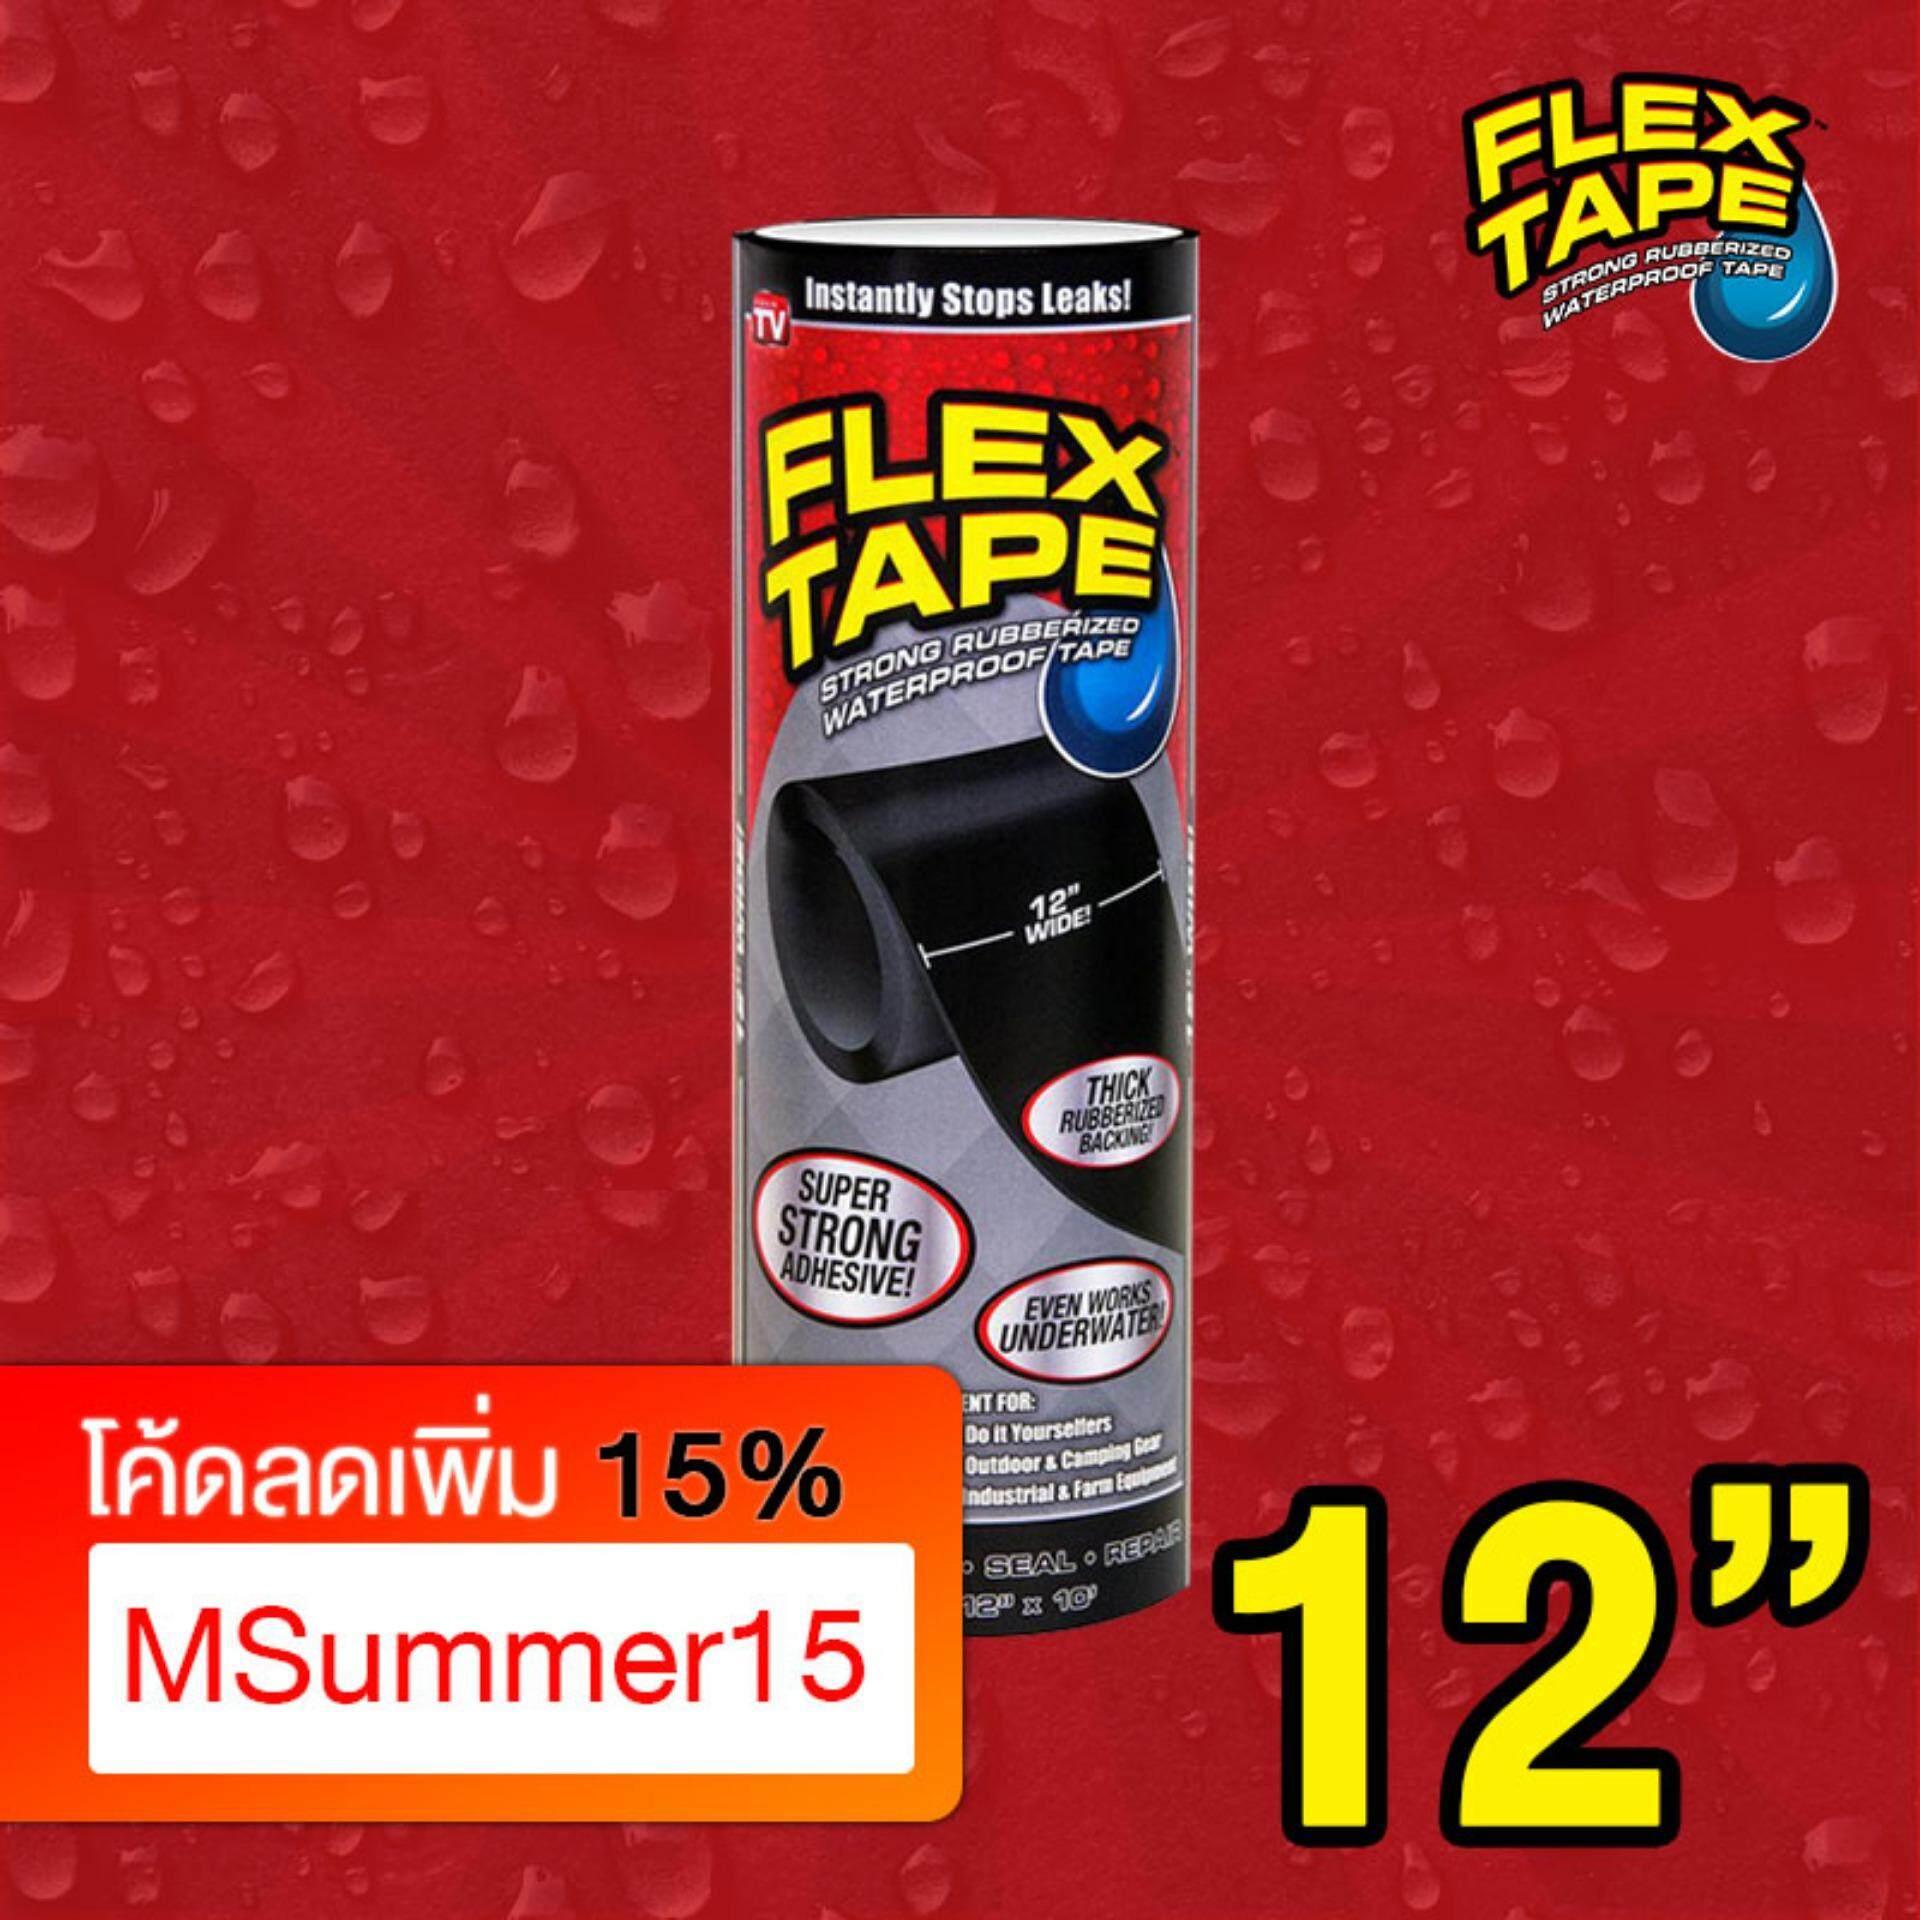 ราคา Flex Tape 12 นิ้ว เทปมหัศจรรย์ เทปกาว จาก Usa อุดรูรั่วได้ทุกชนิด ของแท้ คุณภาพสูงสุดในเวลานี้